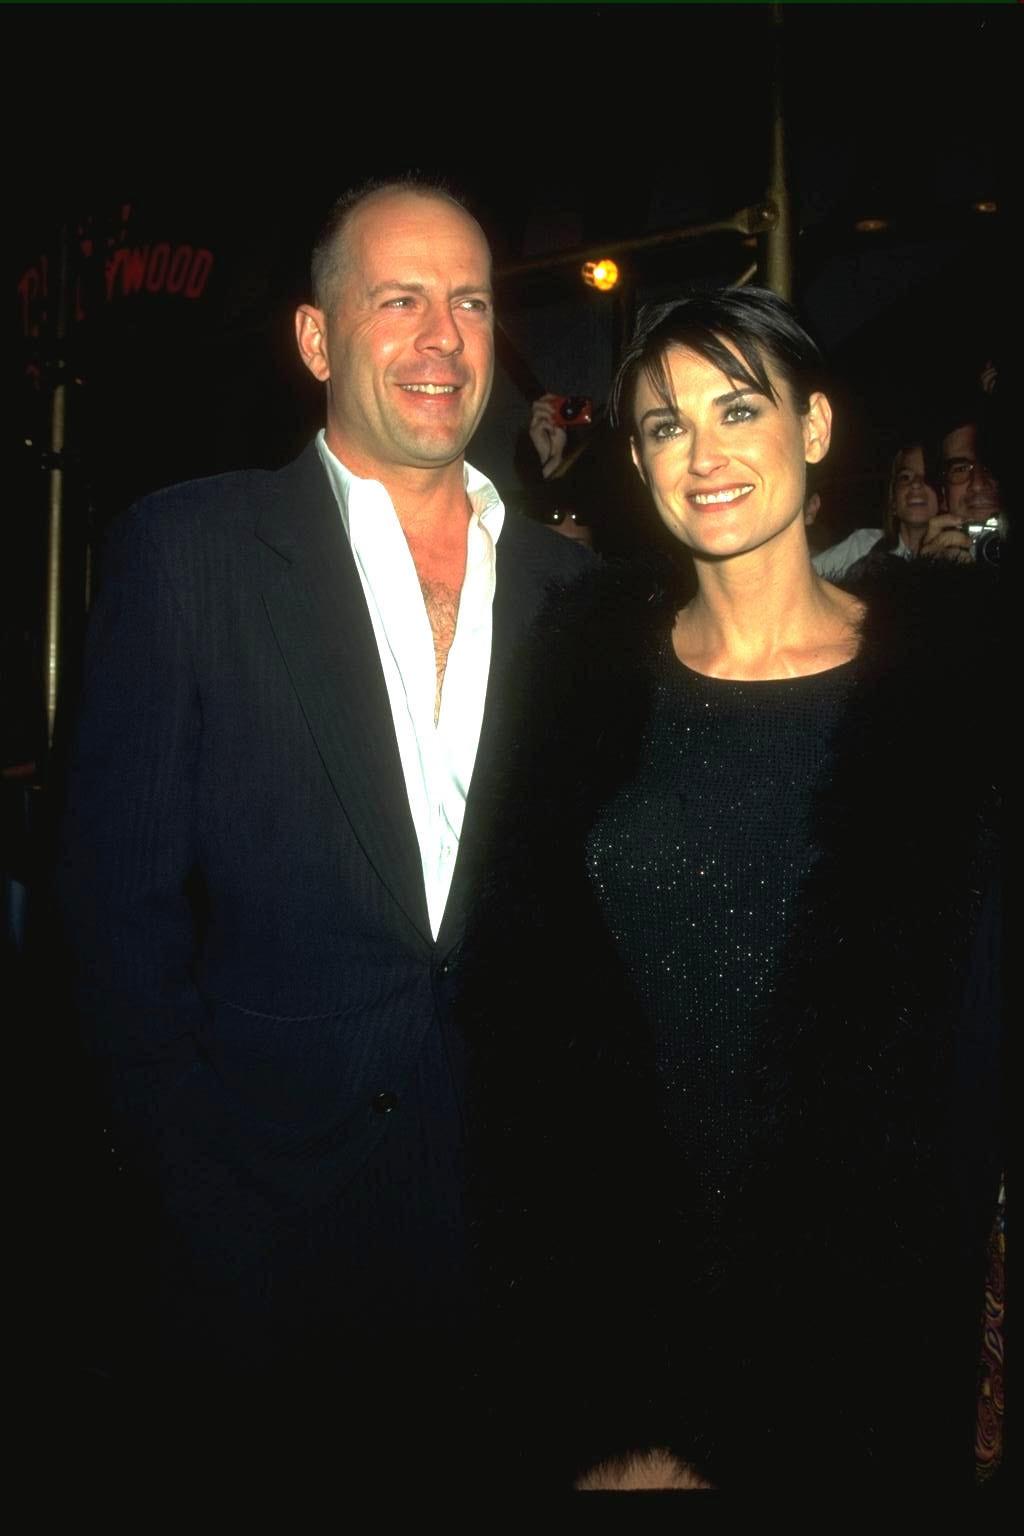 """Embora tenham se divorciado em 2000, os atores ainda moram muito próximos: eles são vizinhos e ajudam em conjunto seus filhos. Willis disse ao British TV, """"Eu amo Demi, ainda somos amigos. Desejo a ela o melhor e muita felicidade"""". (Foto: Getty Images)"""